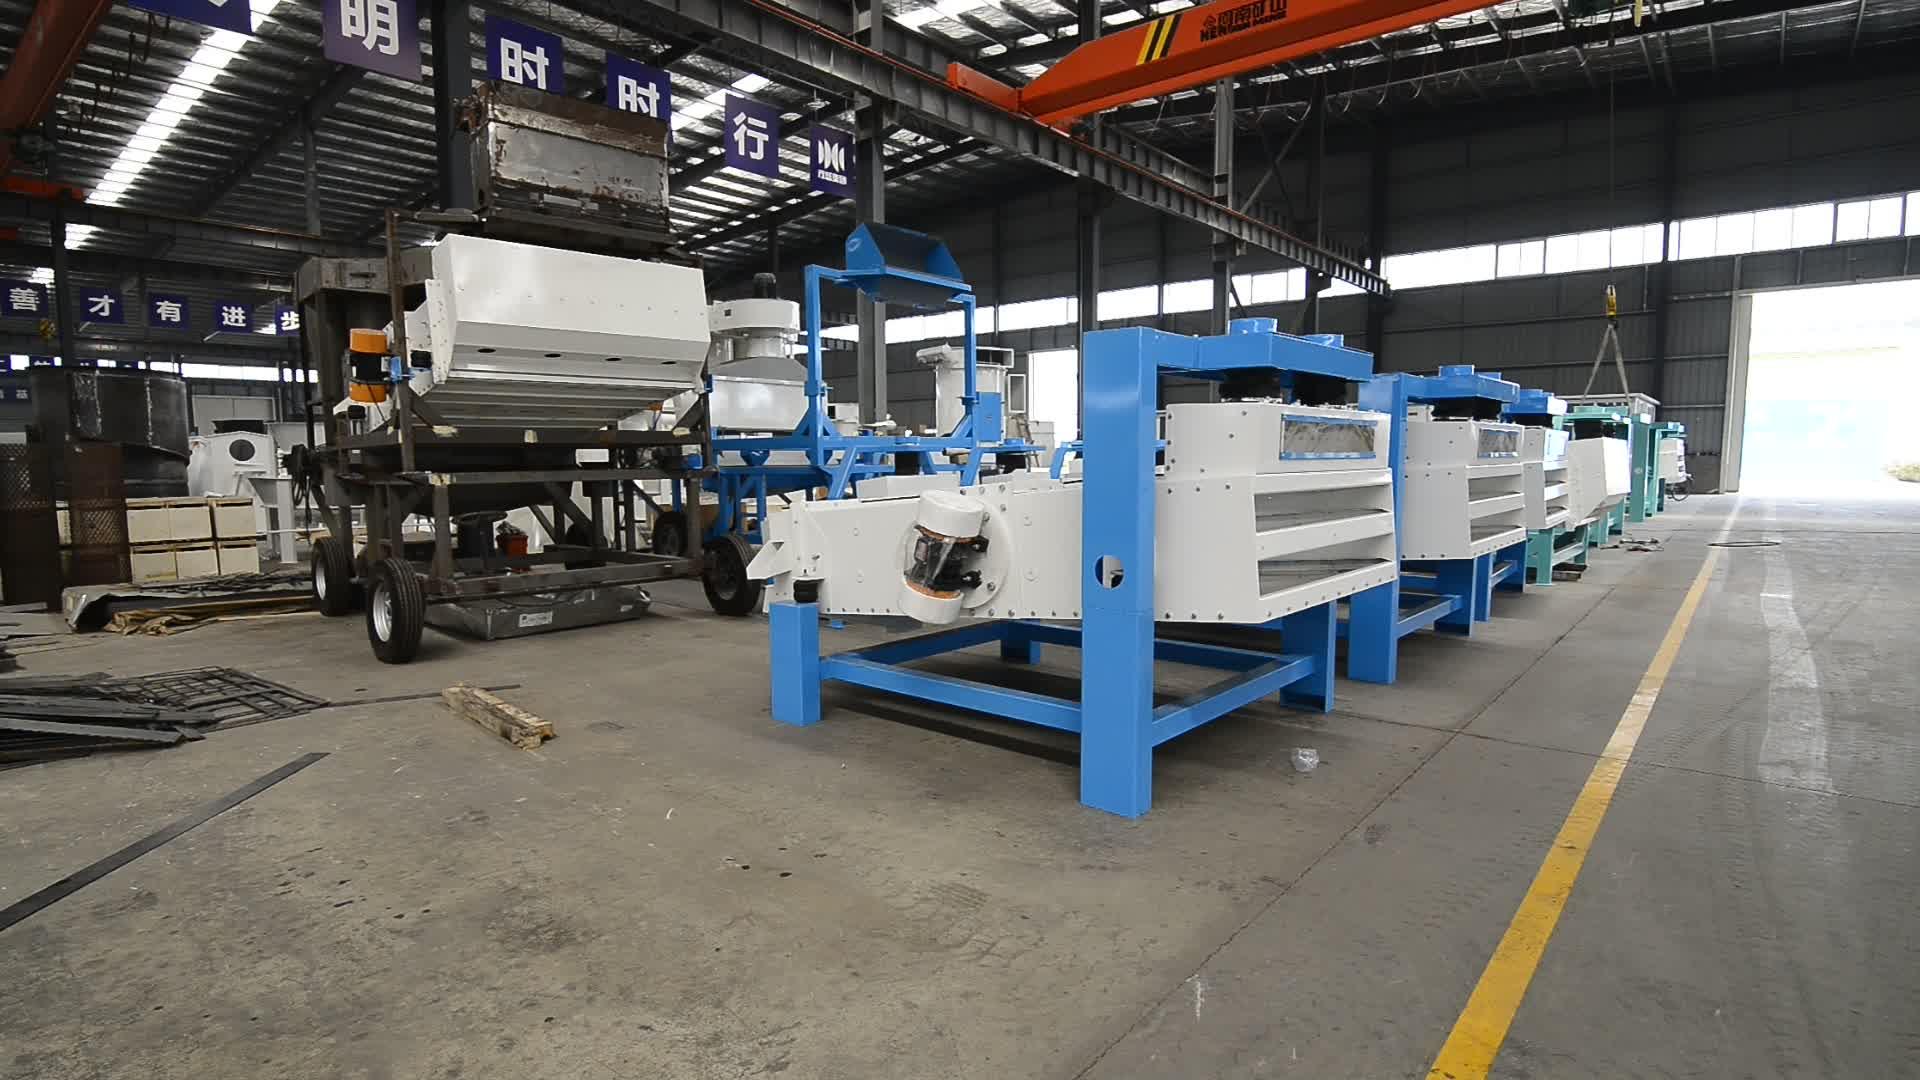 Soybean Bean Cleaning Machine Manufacturer in Shijiazhuang